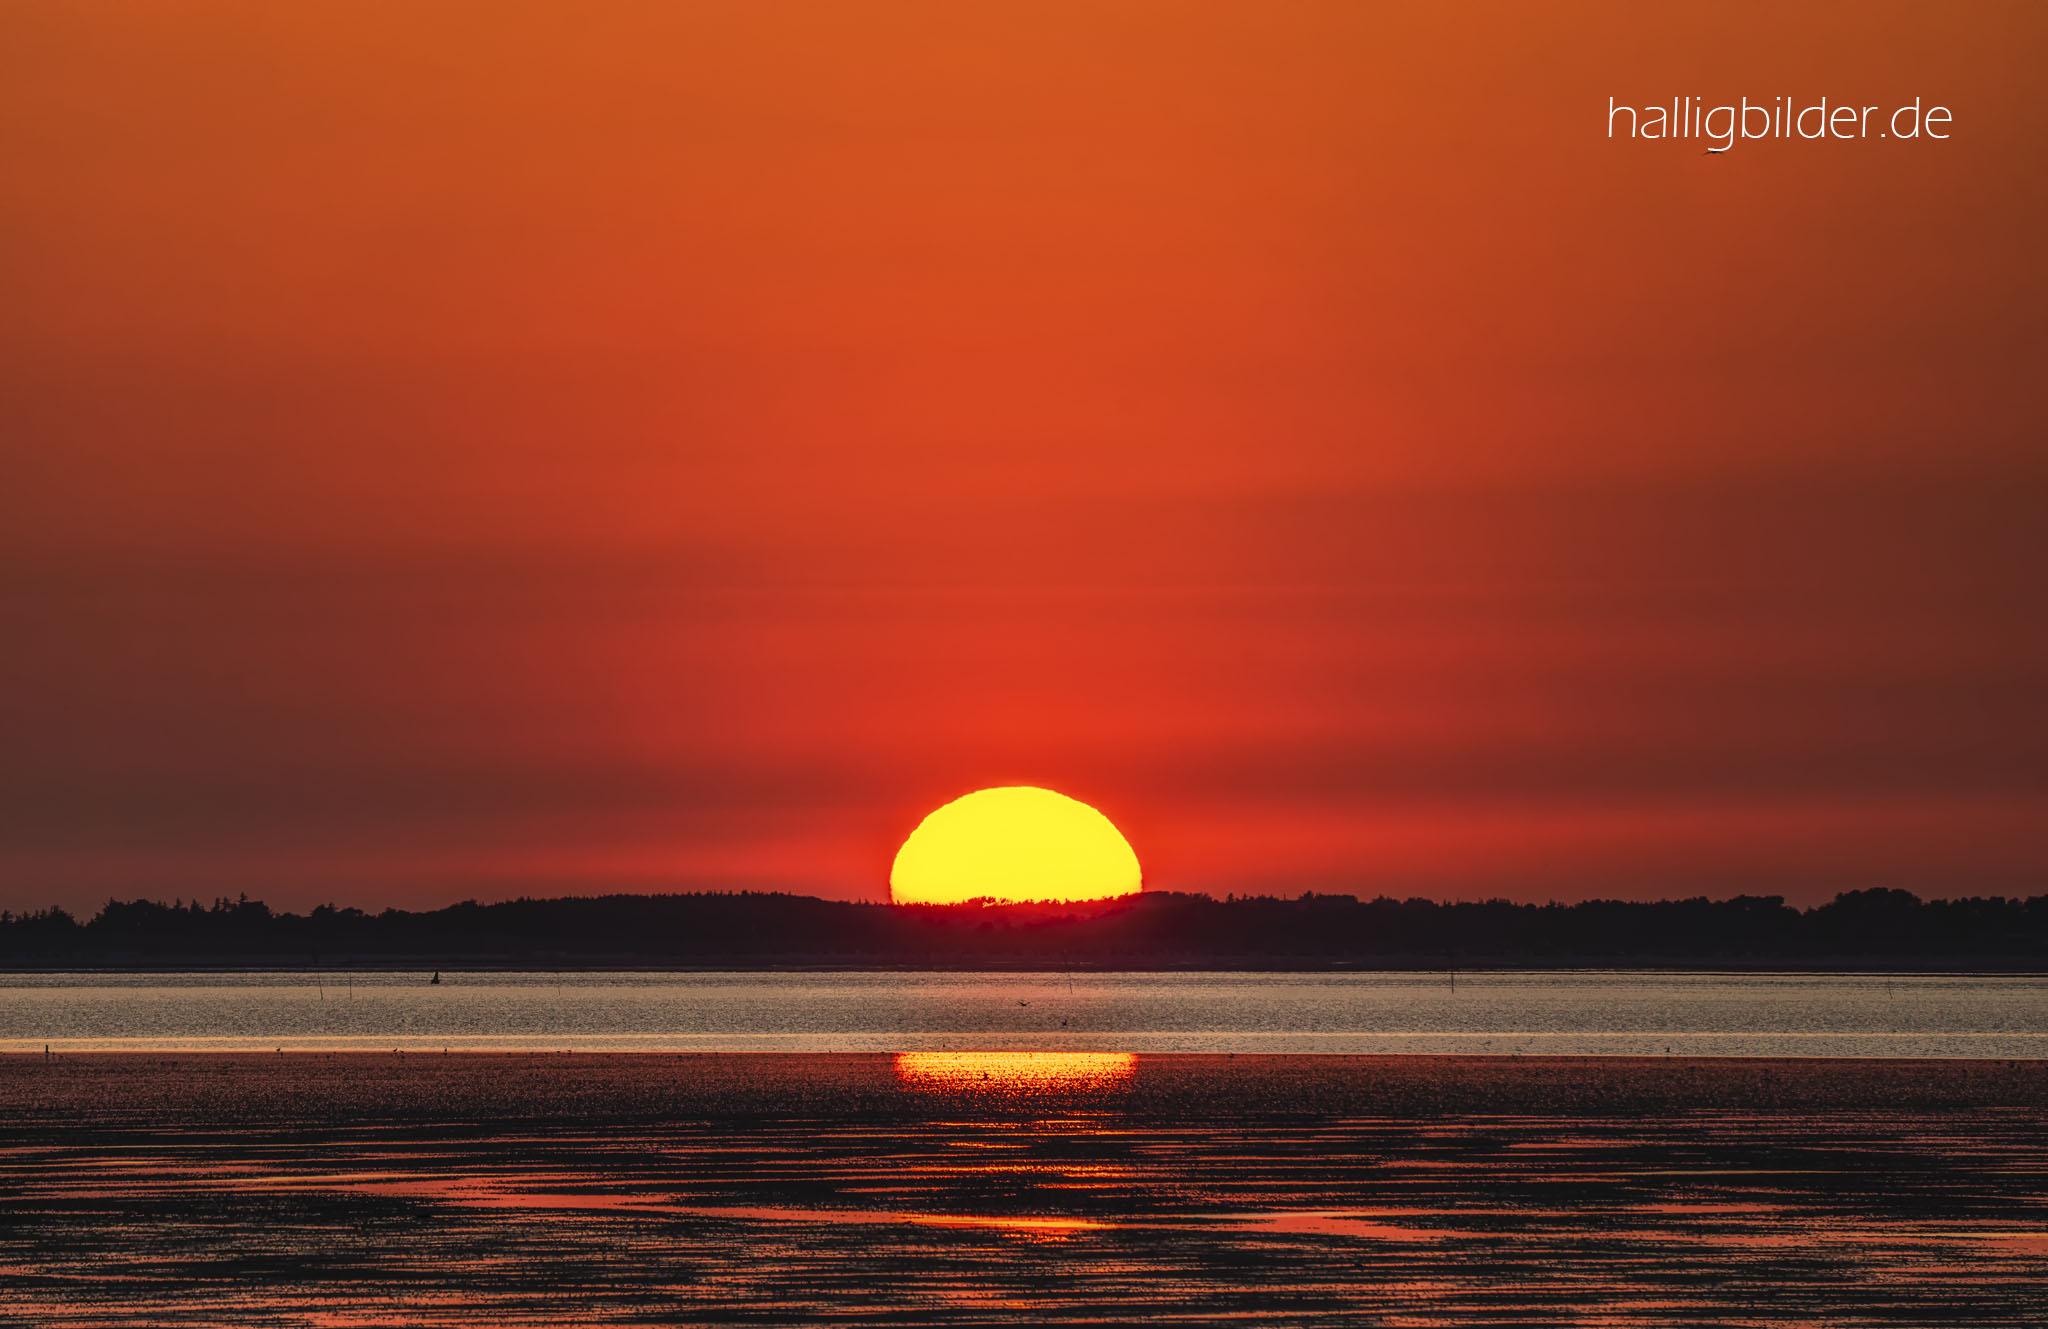 Die Sonne versinkt um diese Jahreszeit fast im Norden, hinter der Insel Föhr